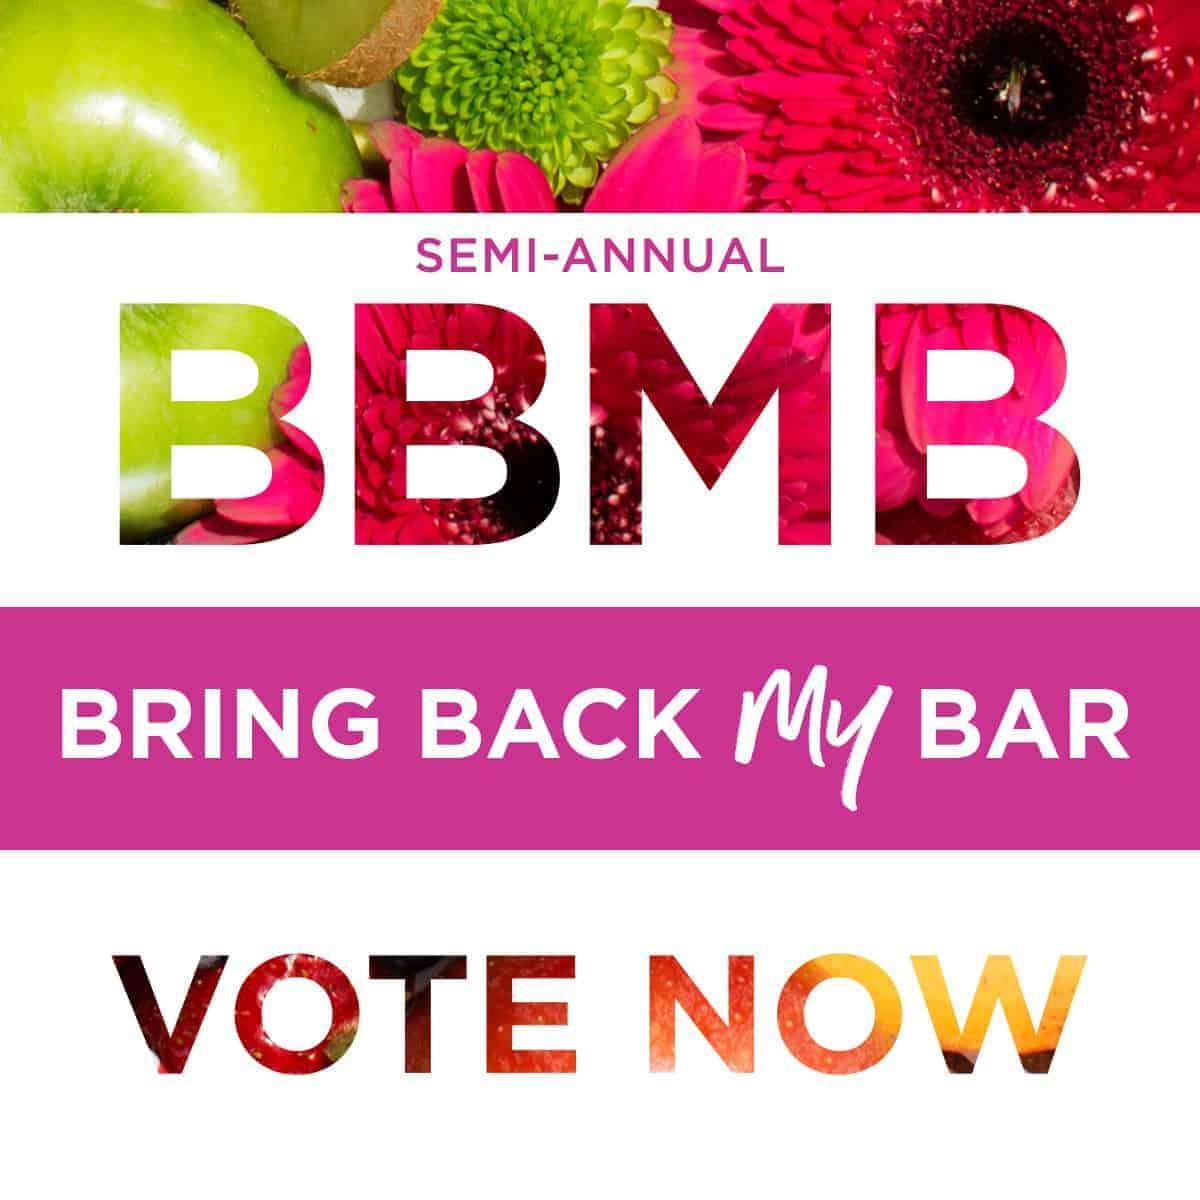 Bring Back My Bar 2018